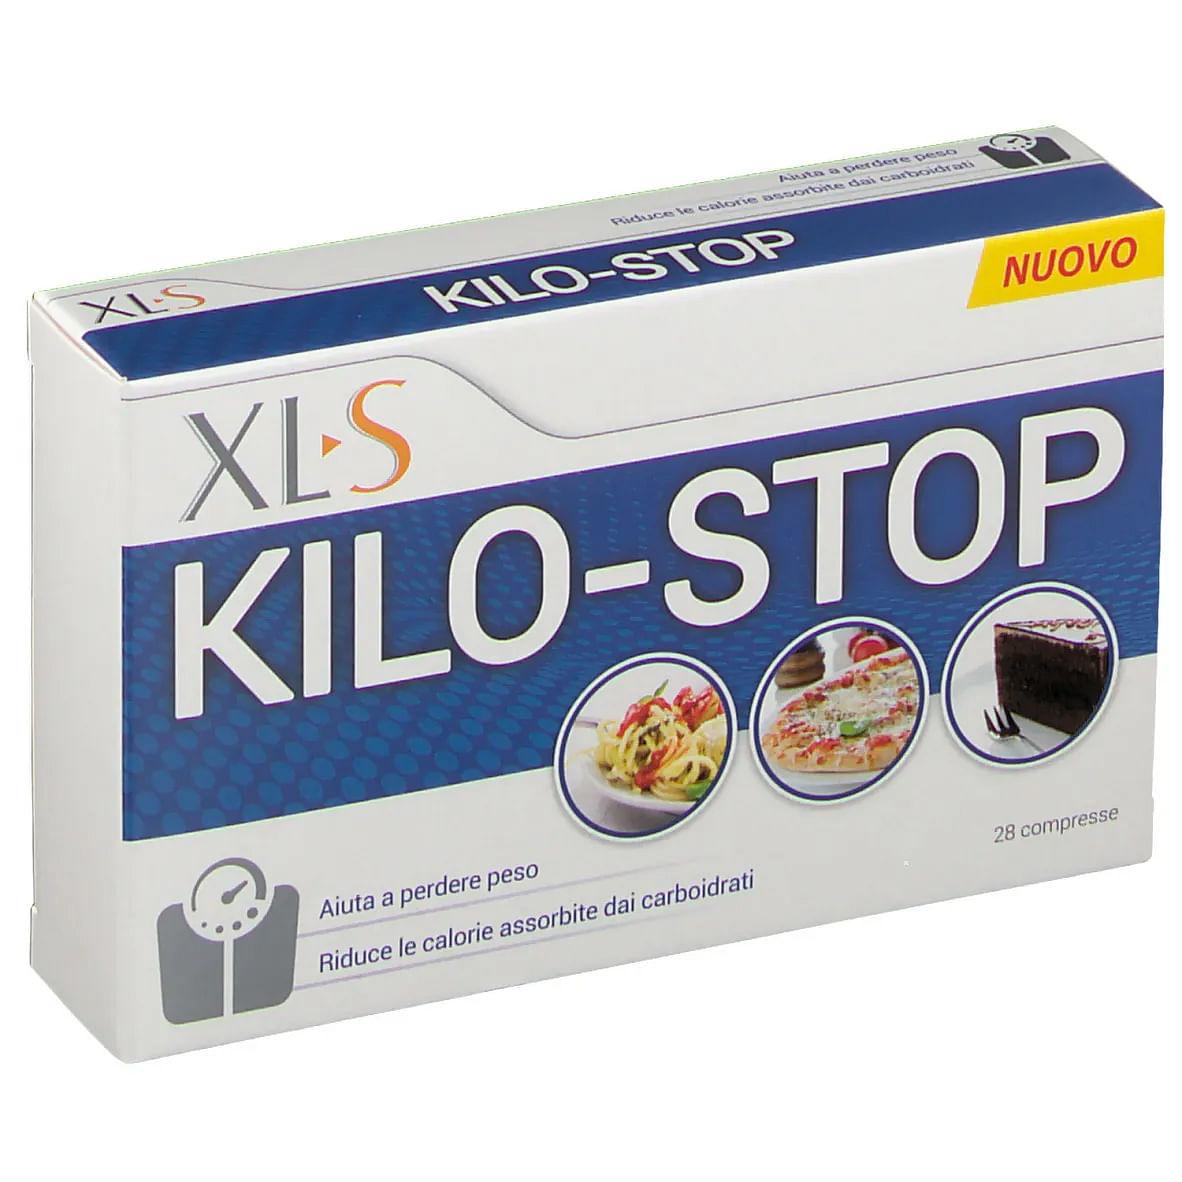 Xl-S Medical Xls Kilo-Stop 28 Compresse